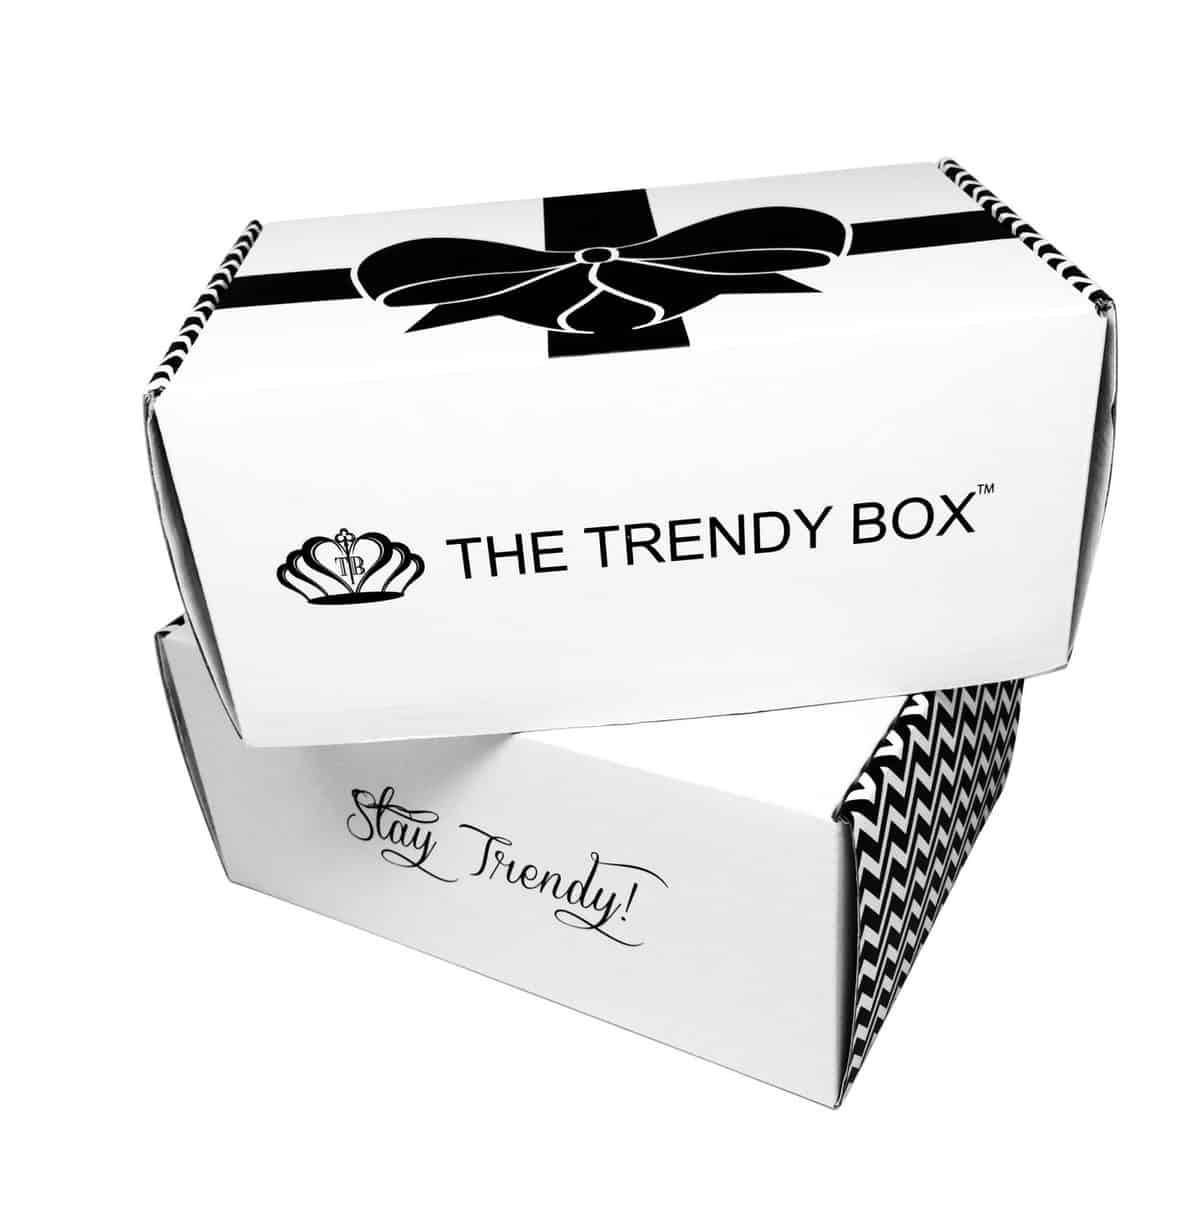 The Trendy Box